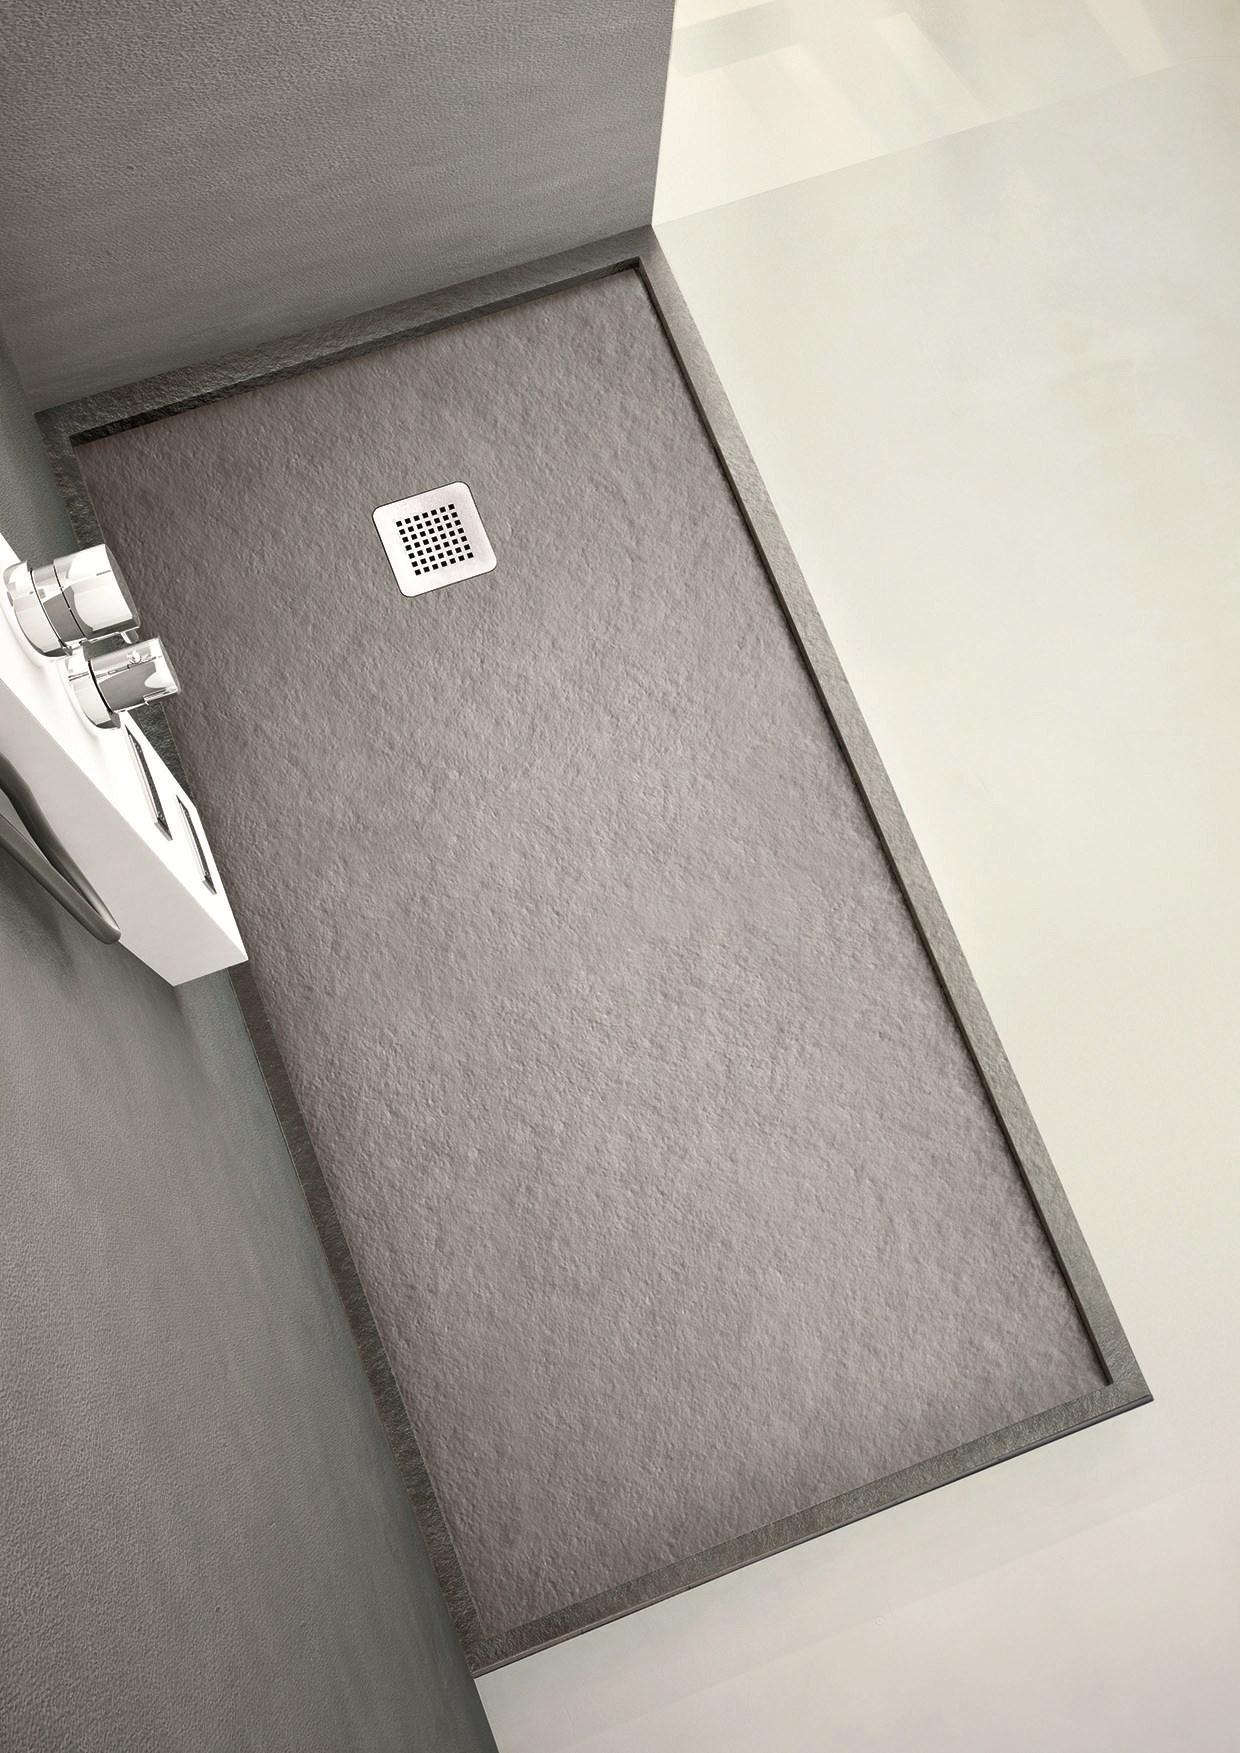 receveur de douche hafro-forma 100x70cm-hauteur 3,5cm-cache bonde en acier-finition effet pierre